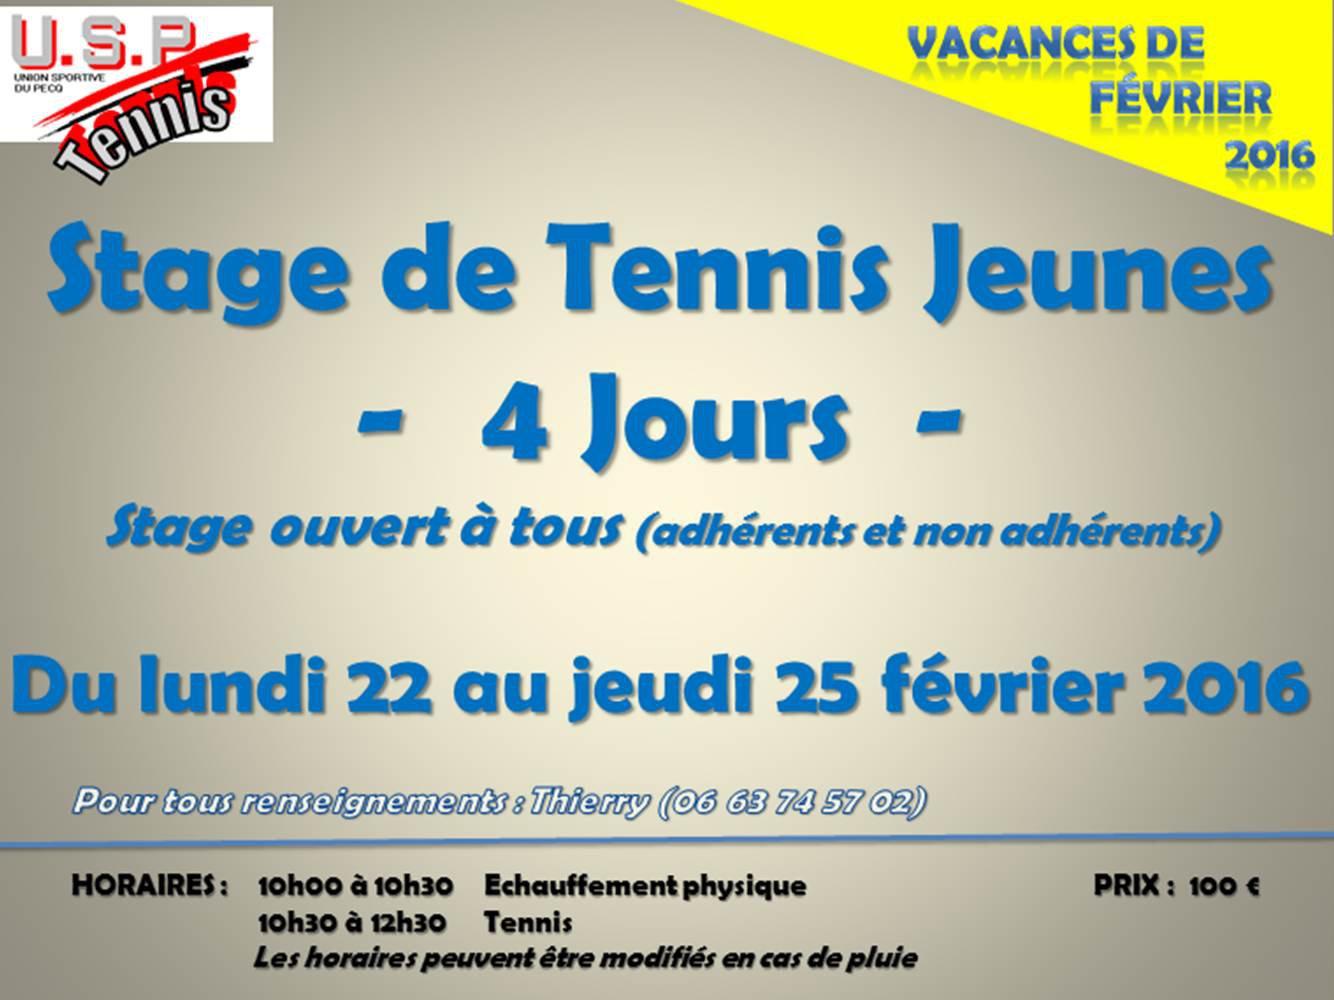 Accueil - Stage tennis de table hennebont ...